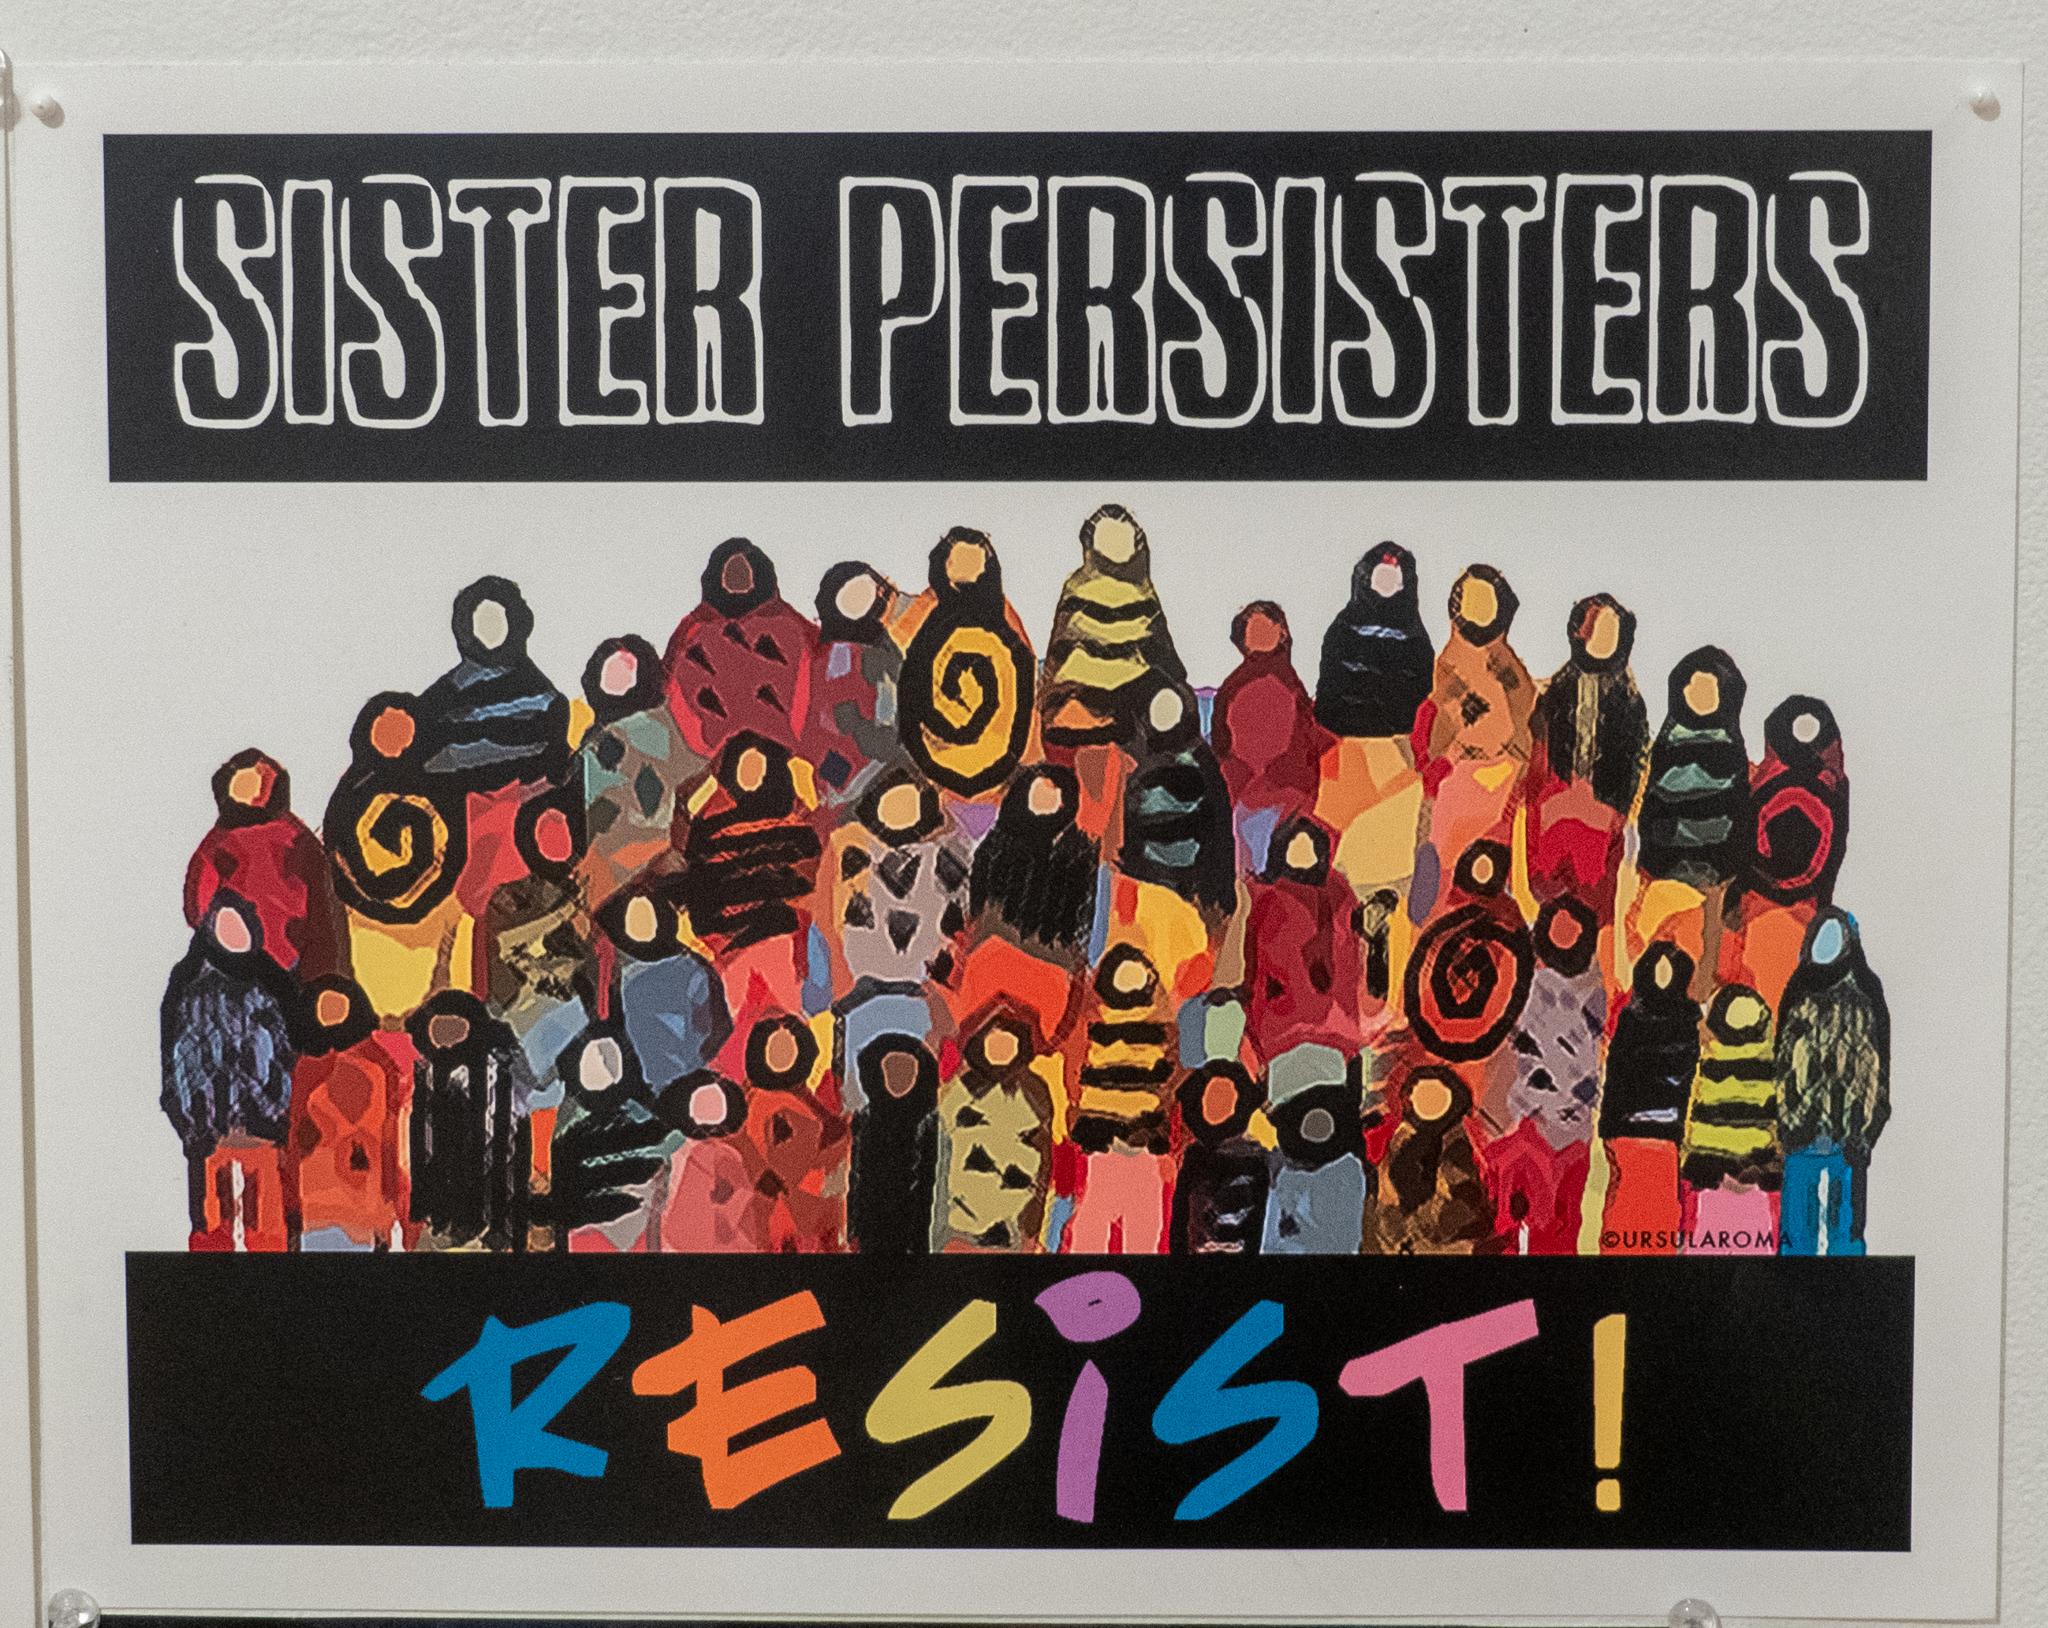 Sister Persisters RESIST!